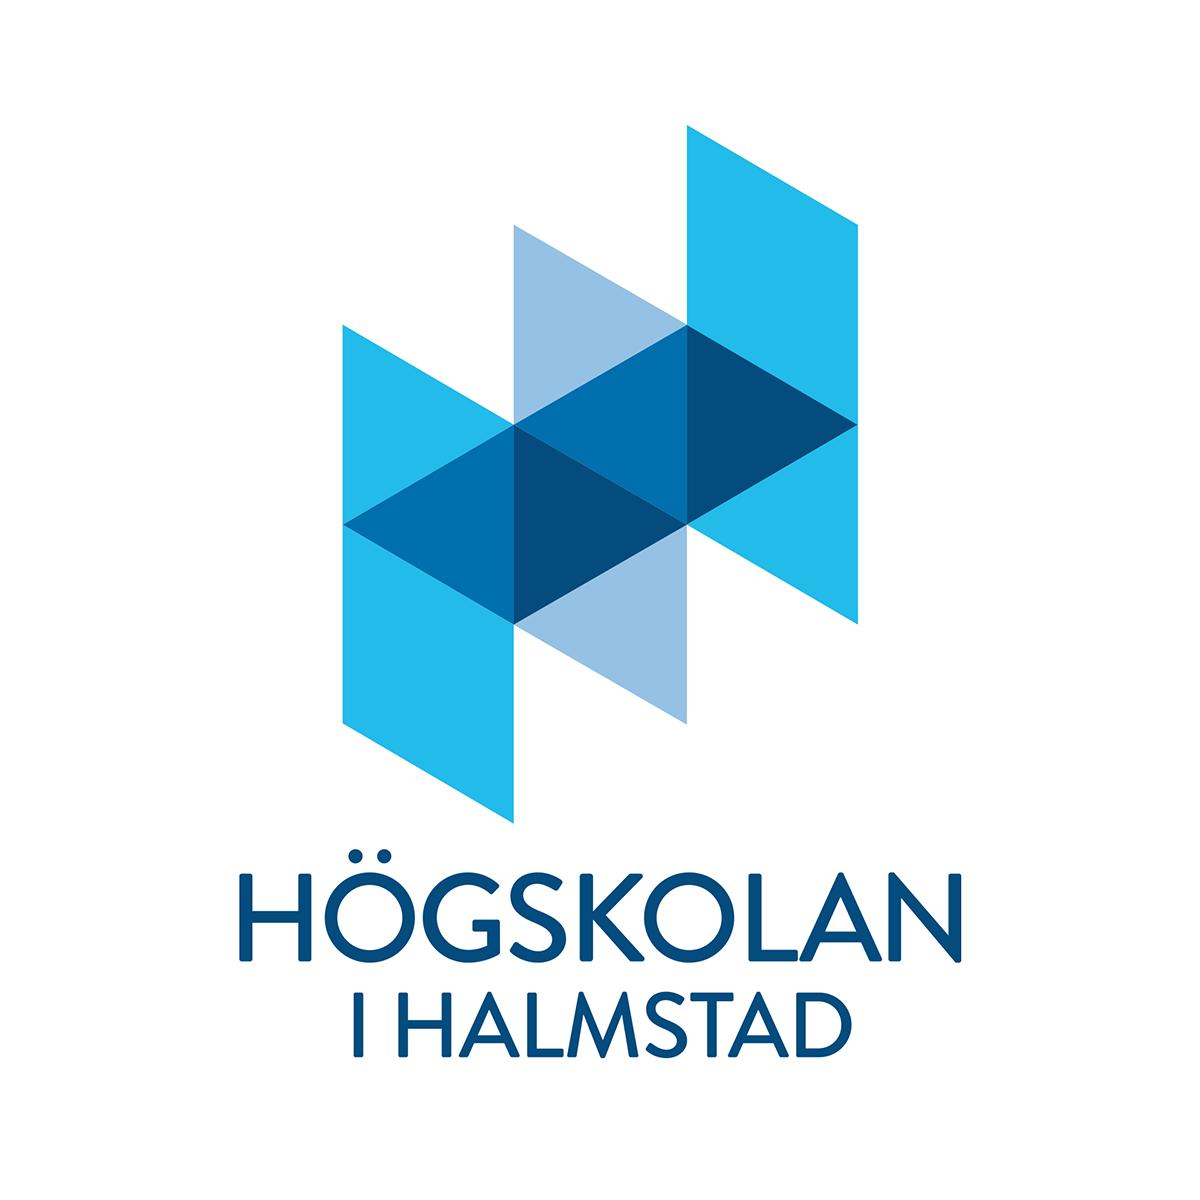 Högskolan i Halmstad